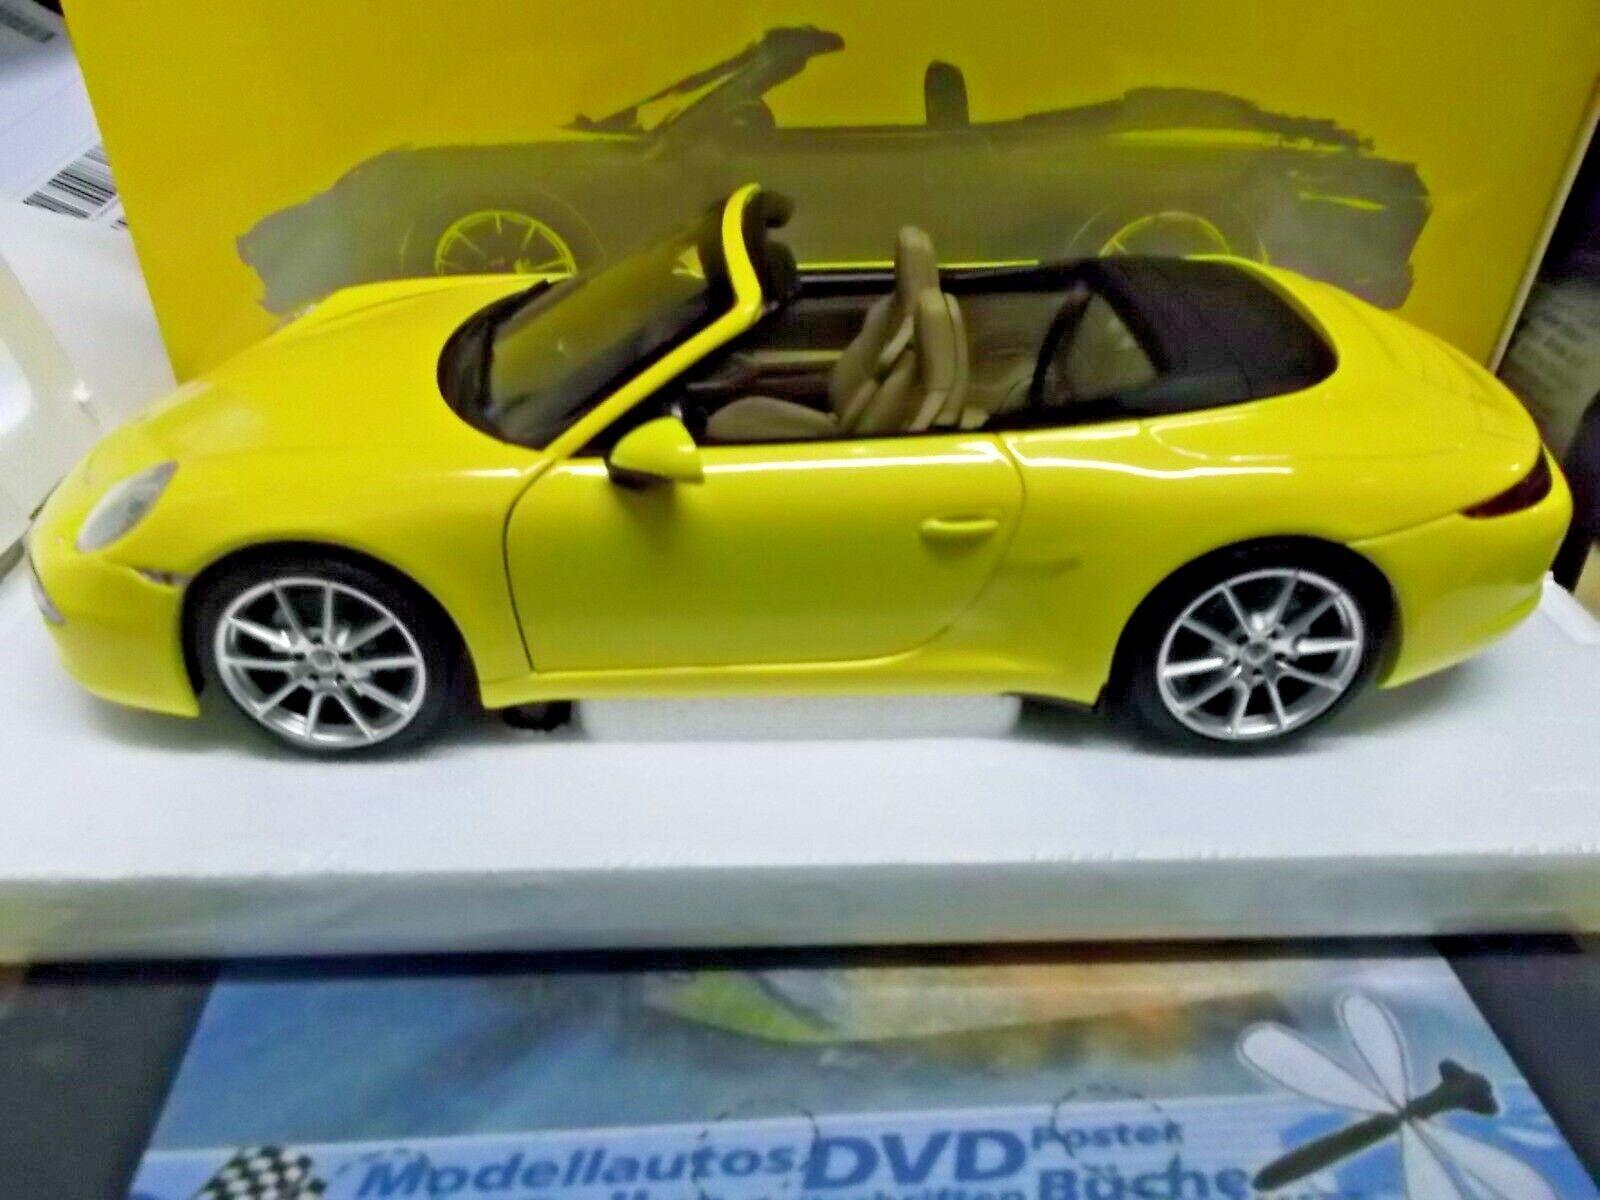 prezzo all'ingrosso e qualità affidabile PORSCHE 911 991 autorera S Cabriolet 2011 2012 Gituttio Gituttio Gituttio gituttio Minichamps Nuovo 1 18  si affrettò a vedere